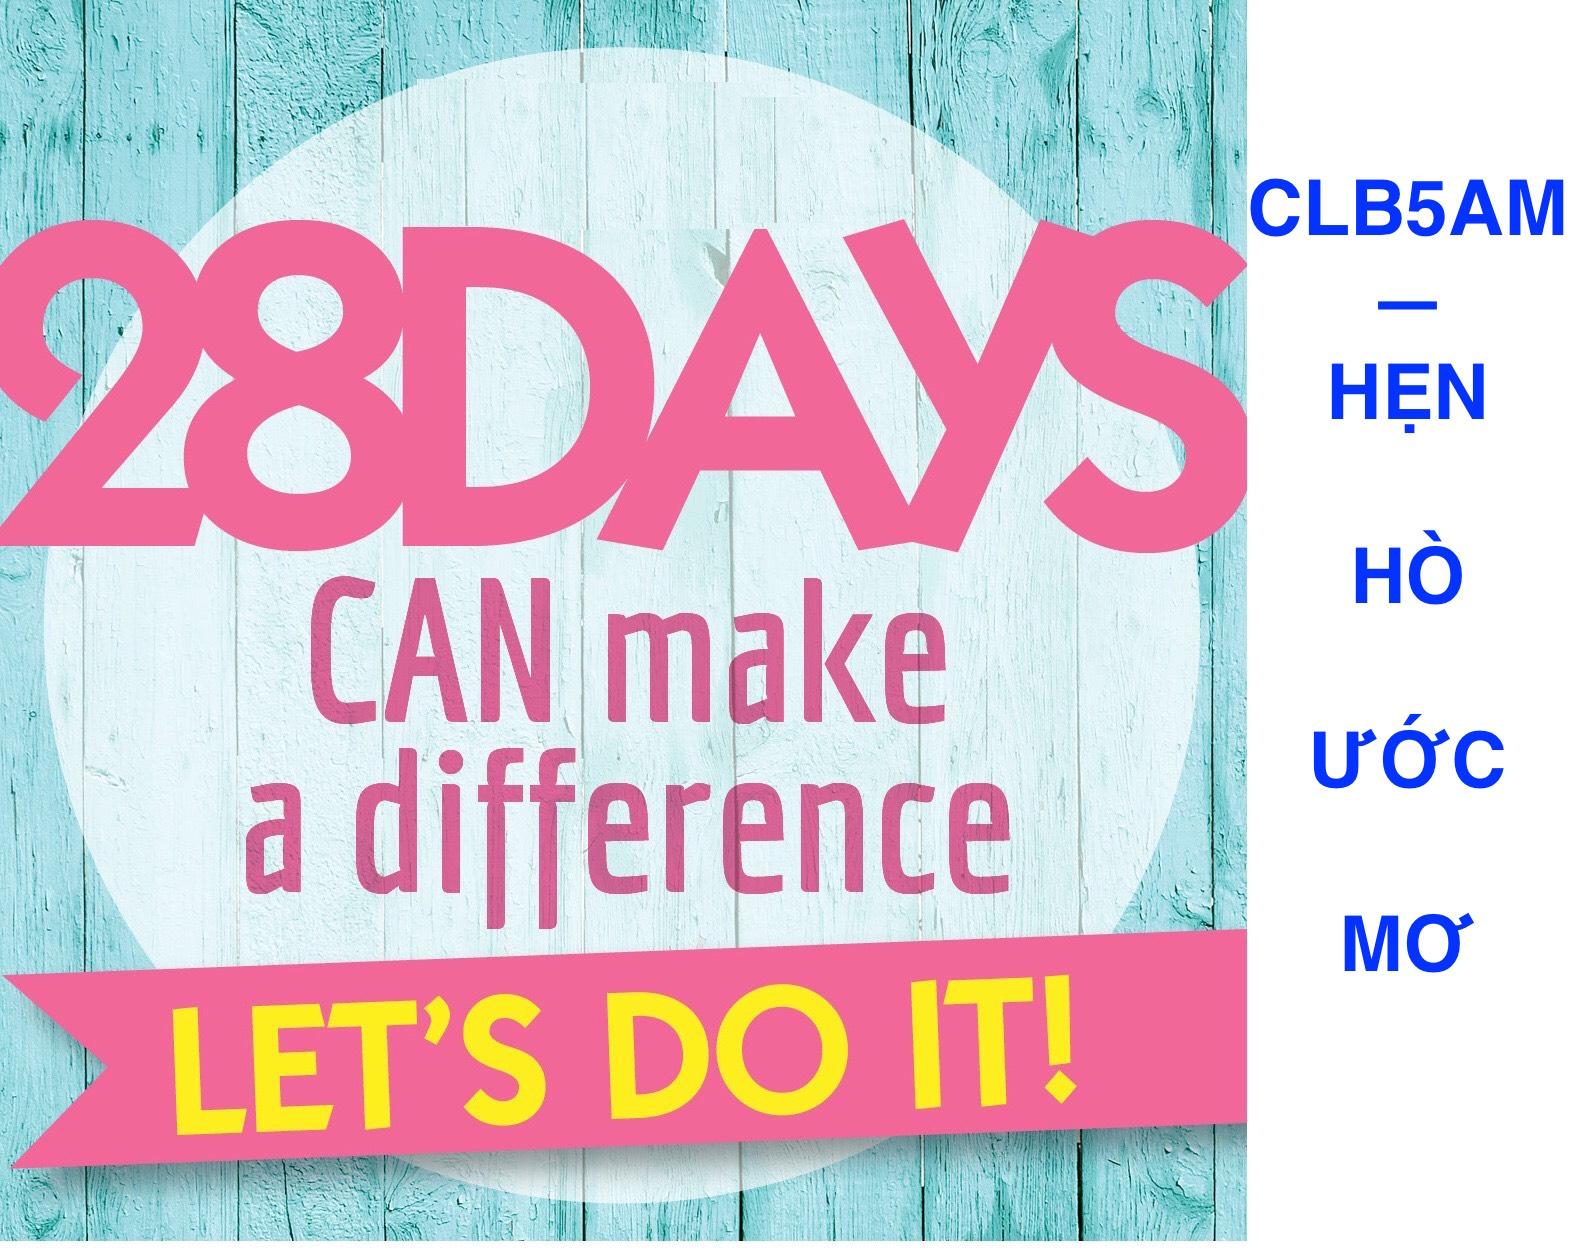 CLB5AM - Chiến thắng chính mình để hẹn hò ước mơ